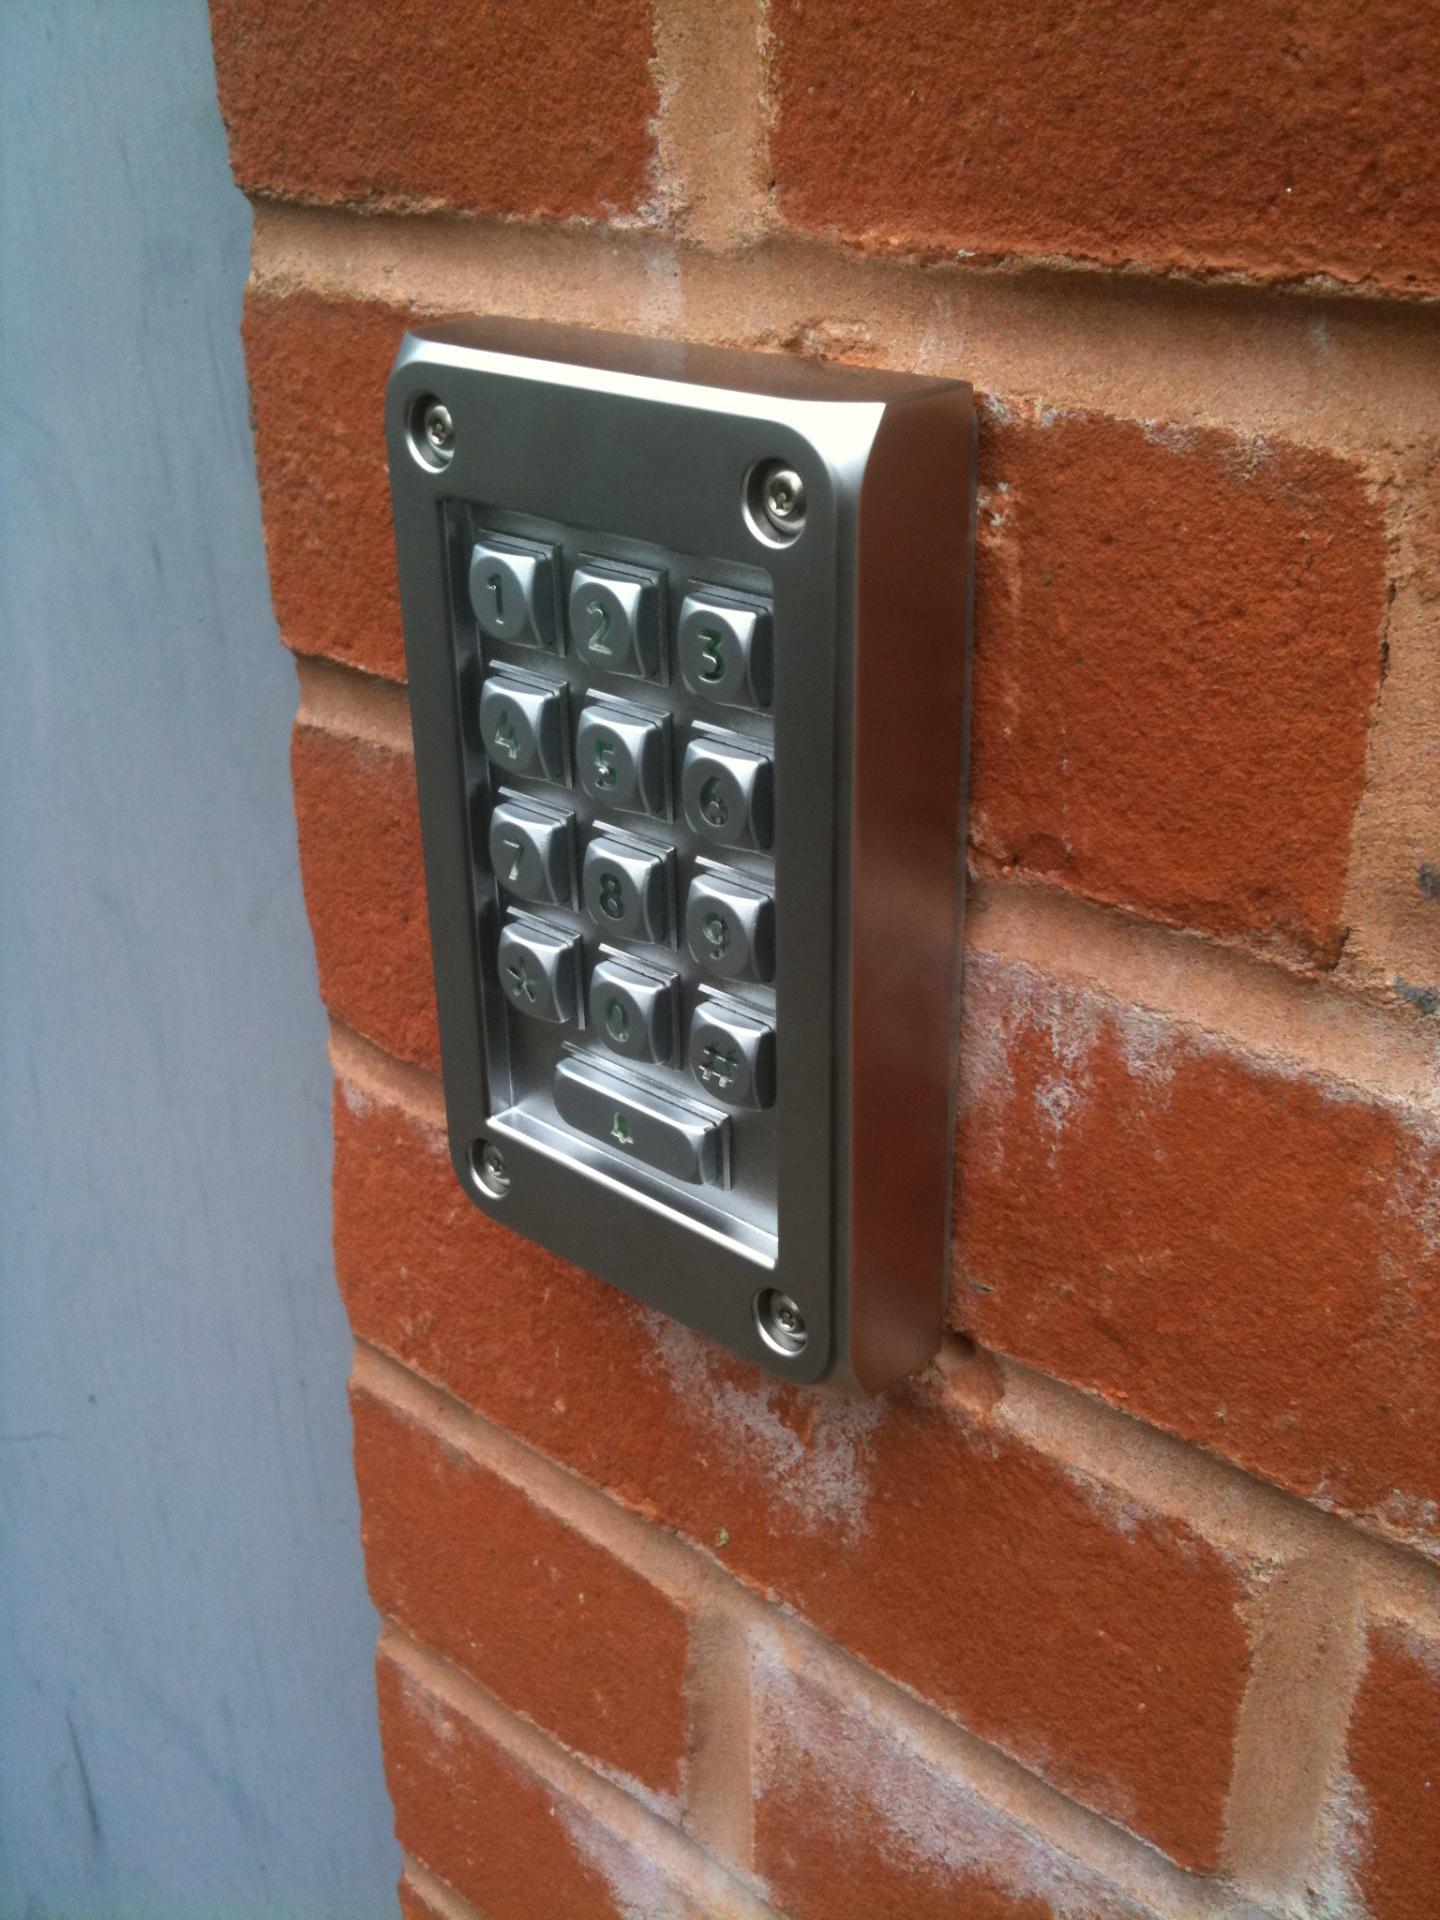 Vandal resistant access keypad